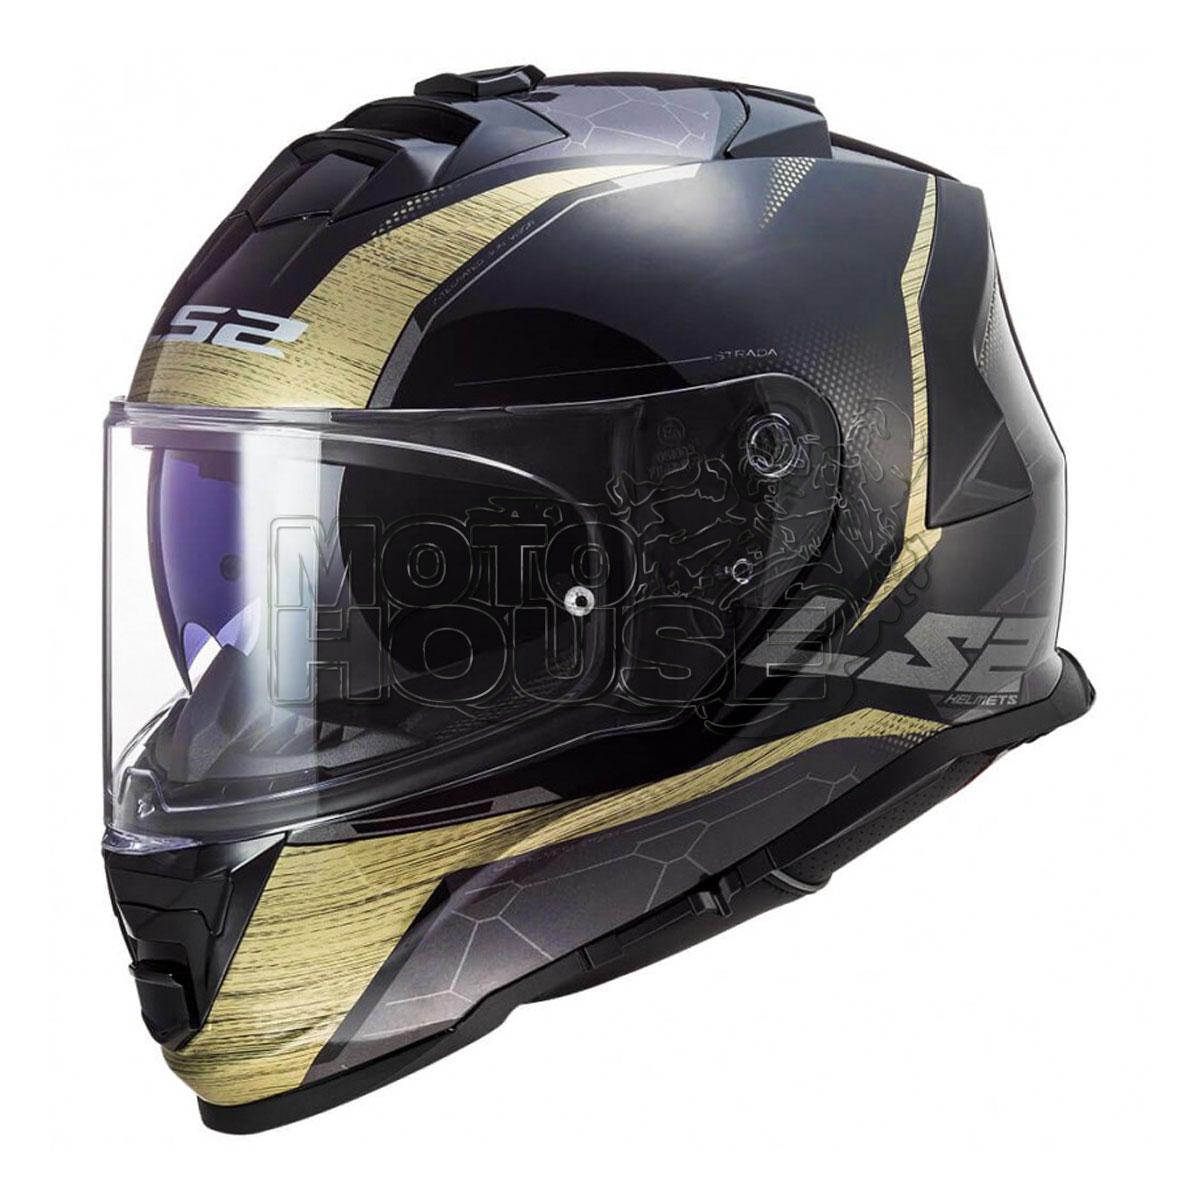 Casco Integral P/ Motociclismo Ls2 Ff800 Storm Classy Dorado